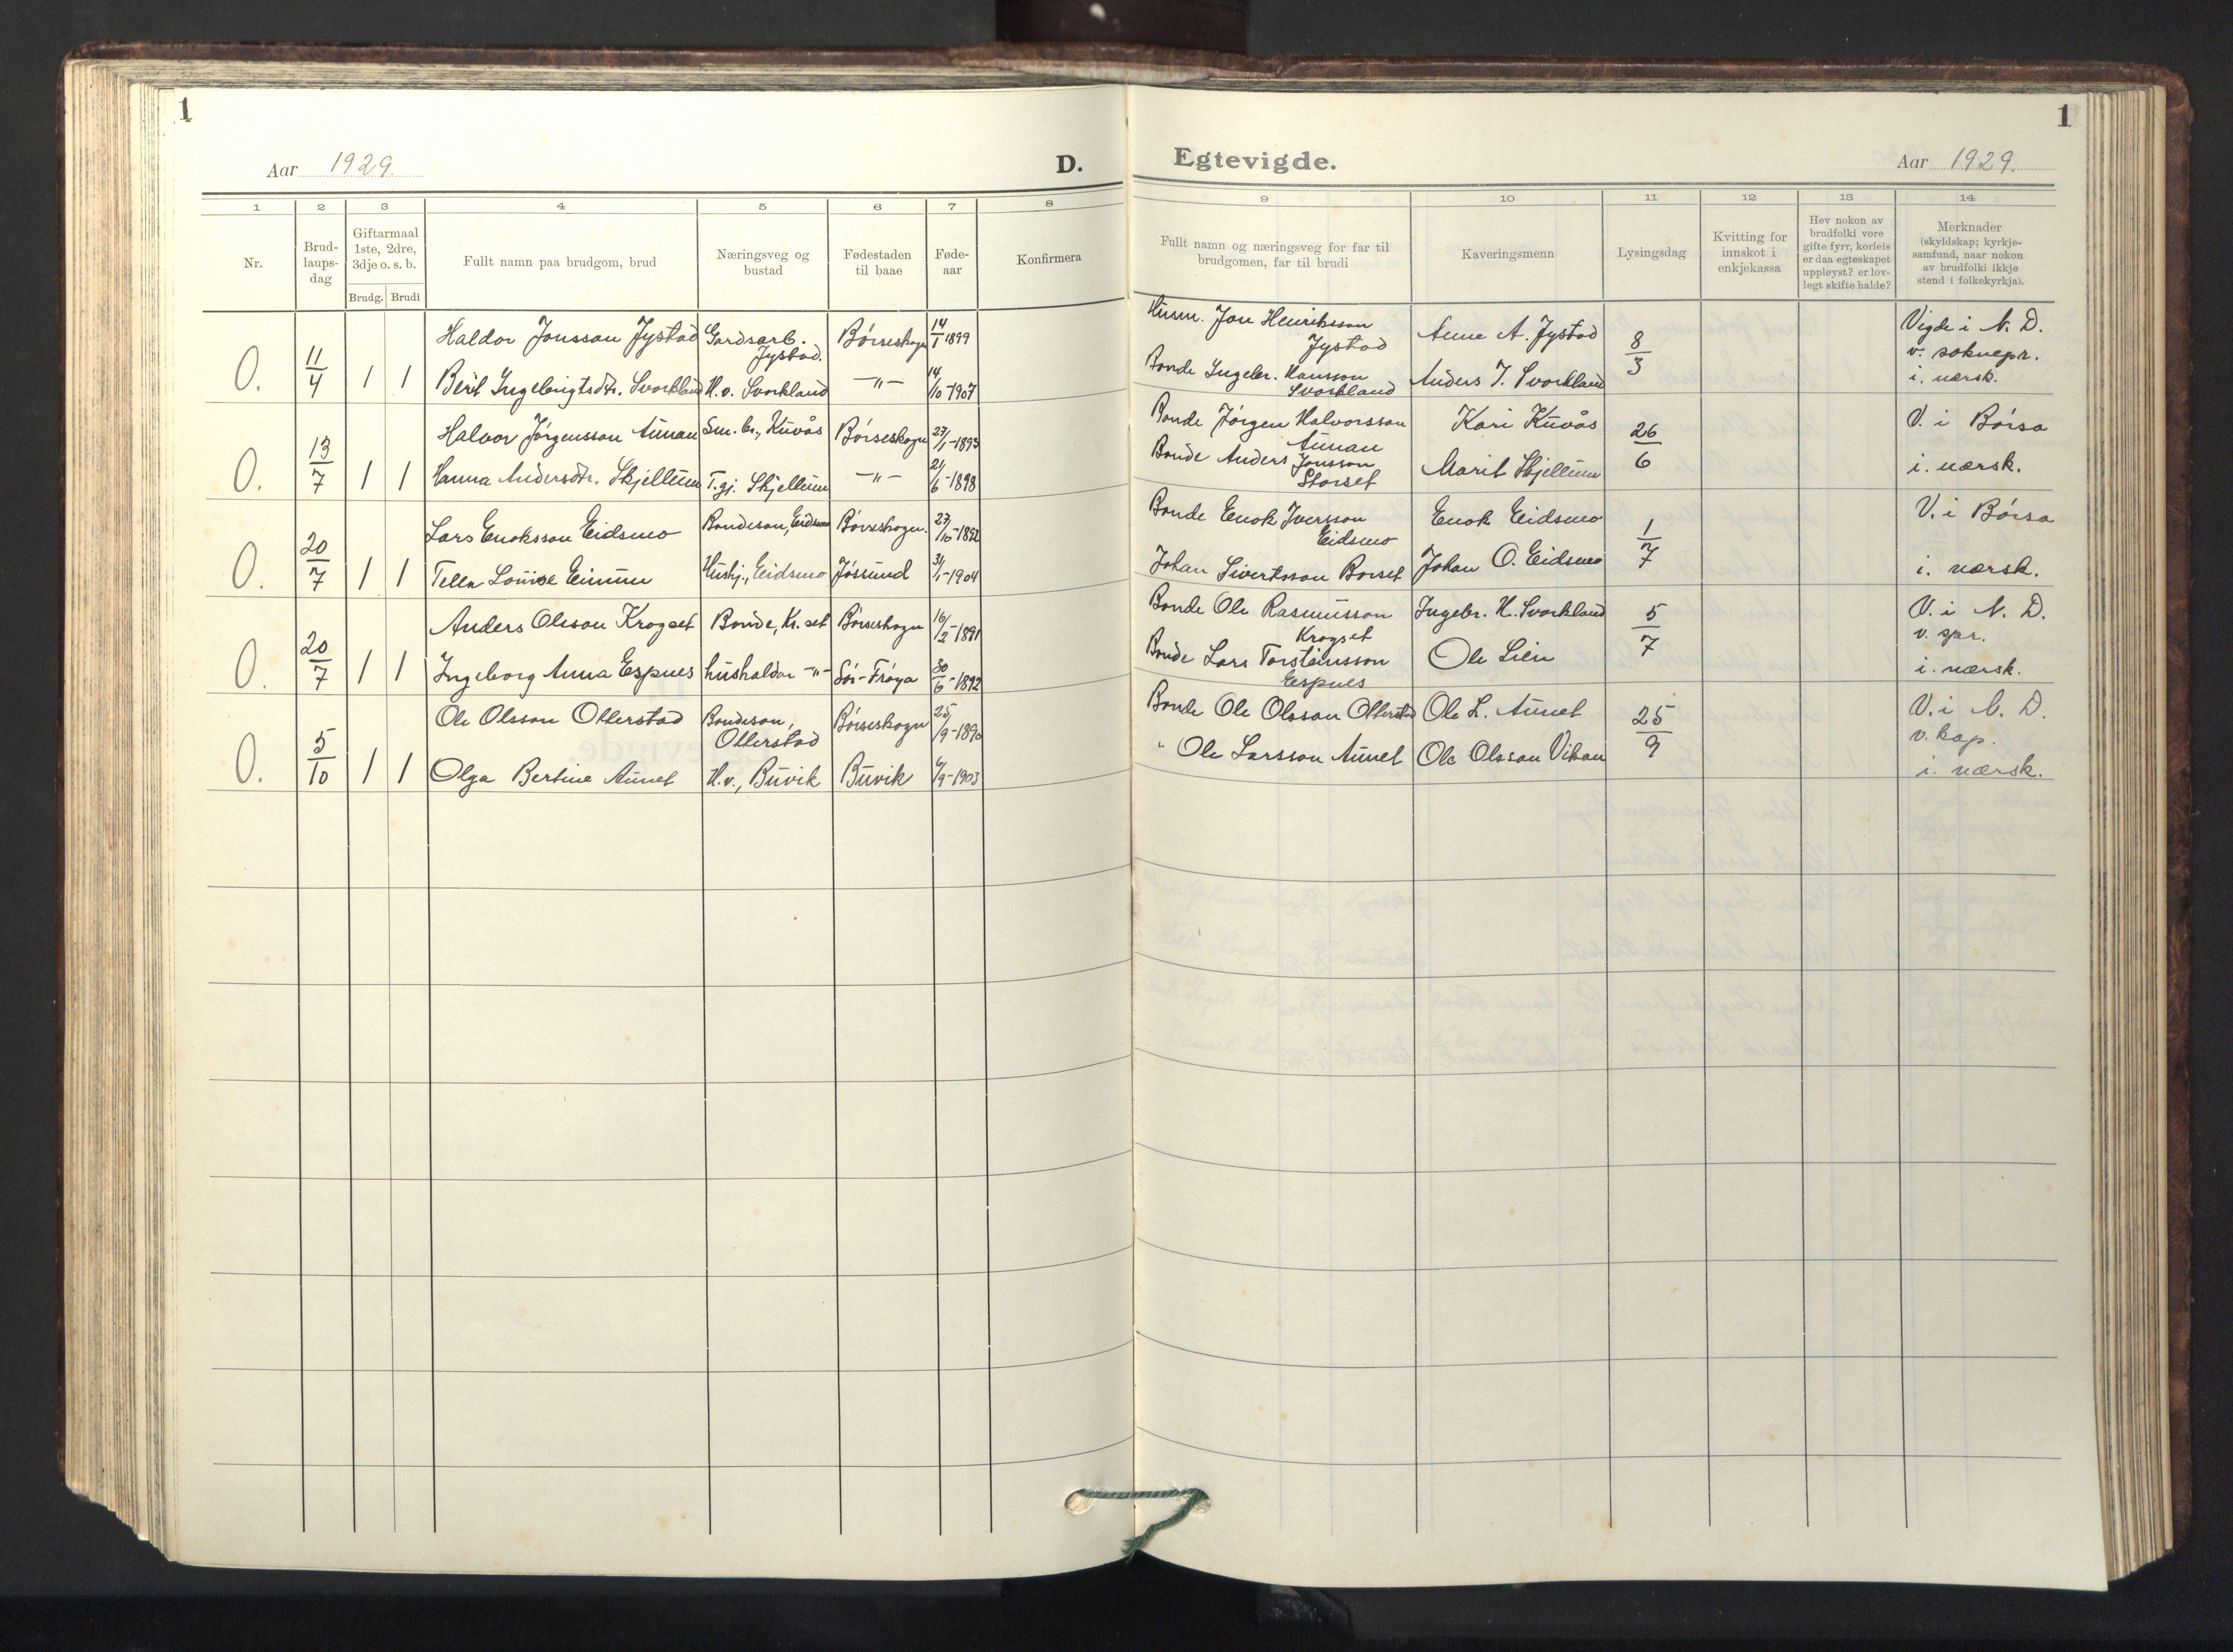 SAT, Ministerialprotokoller, klokkerbøker og fødselsregistre - Sør-Trøndelag, 667/L0799: Klokkerbok nr. 667C04, 1929-1950, s. 1